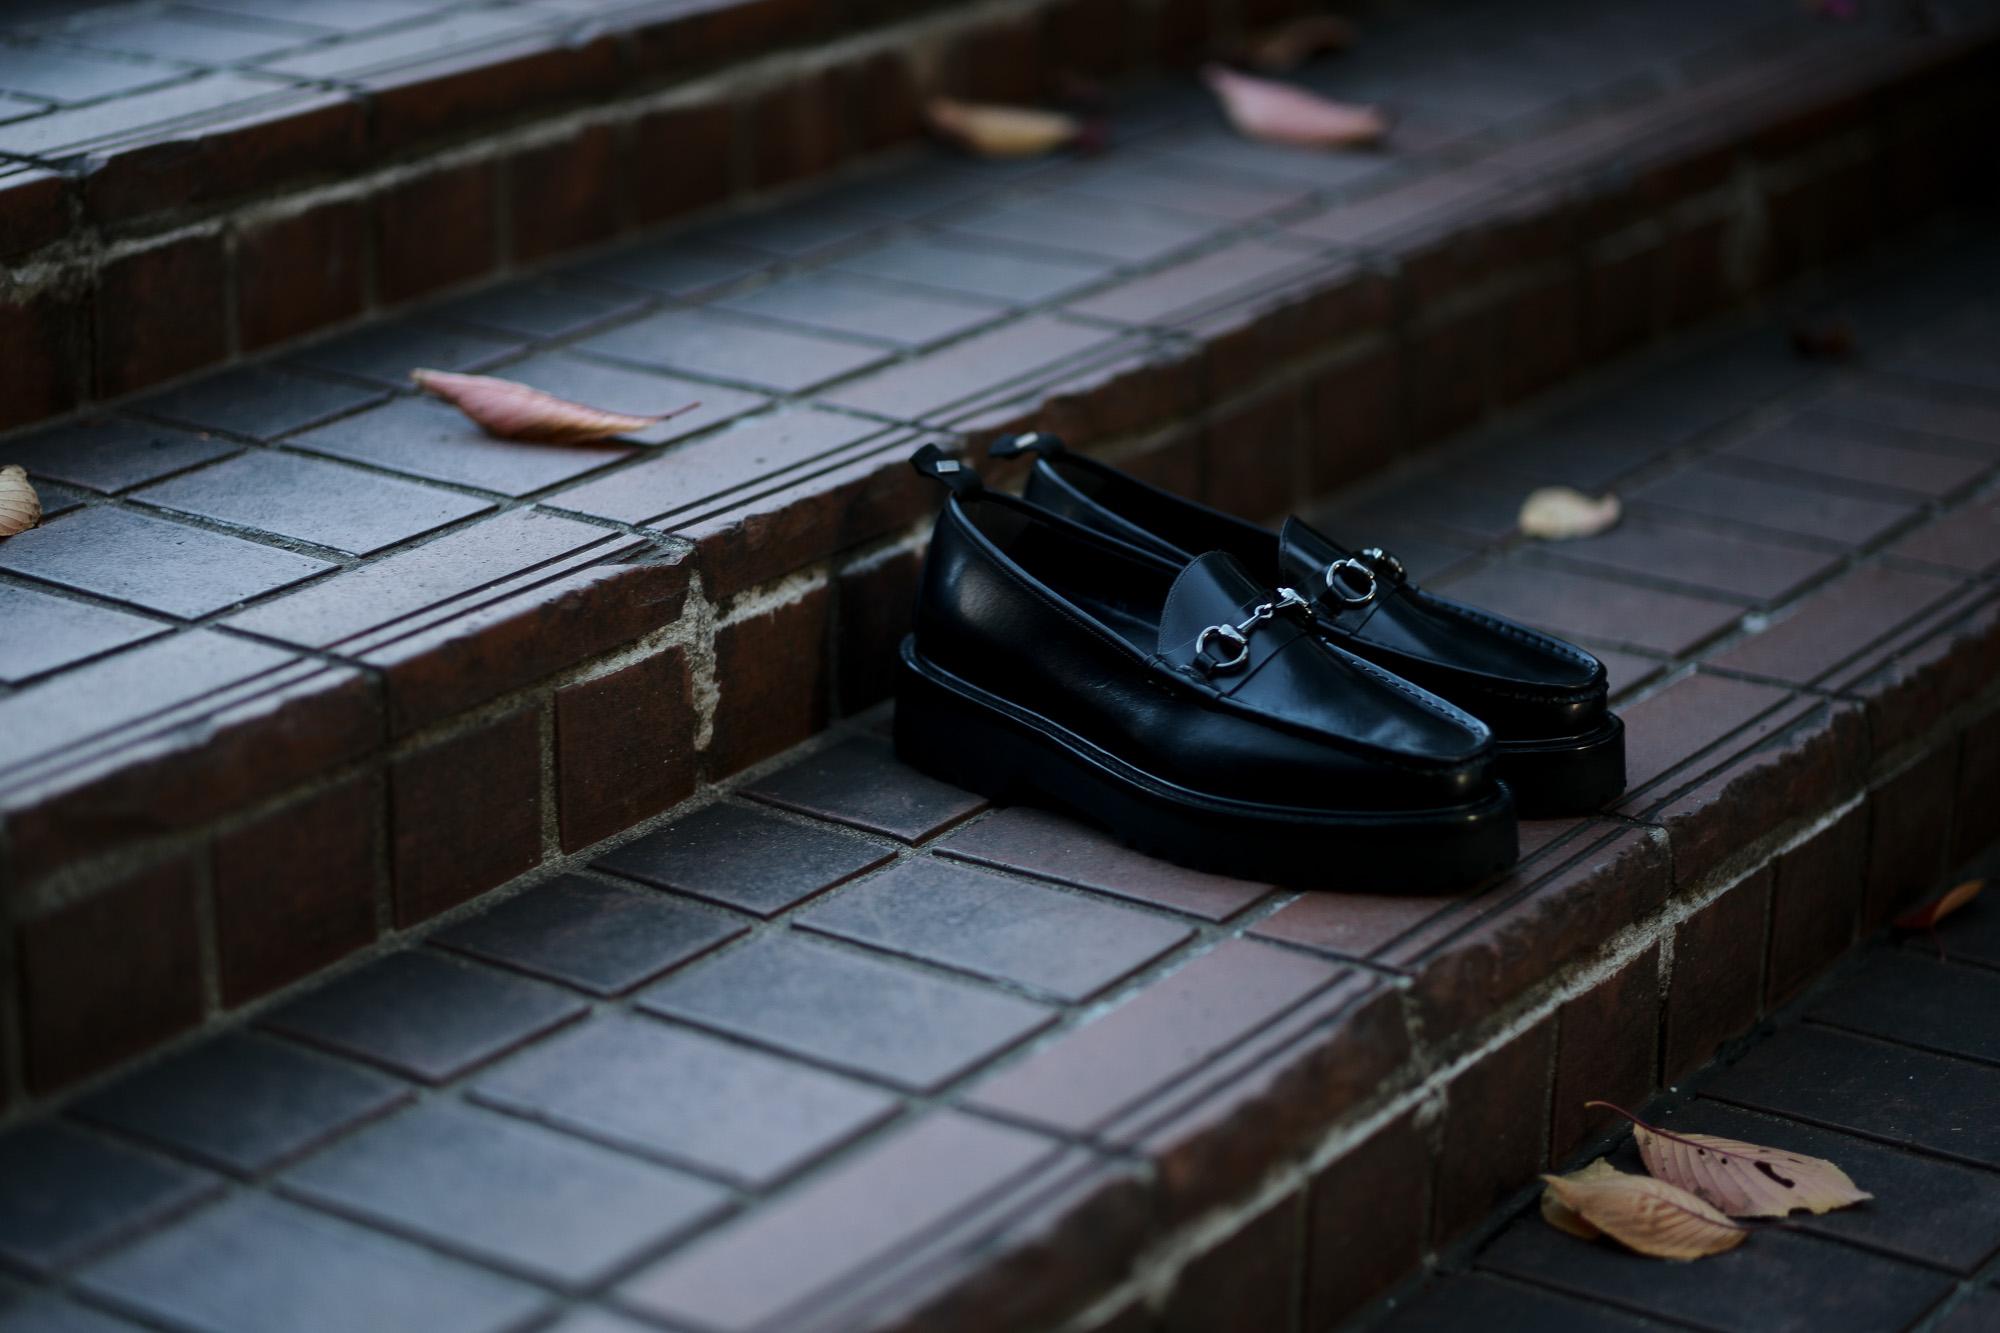 WH (ダブルエイチ) WHZ-0504 Bit Loafer (干場氏 別注 店舗限定 スペシャル モデル) TOOL-442 Last (トゥルー 442 ラスト) ANNONAY Vocalou Calf Leather ビットローファー ALL BLACK (オールブラック・BLK) MADE IN JAPAN(日本製) 2018秋冬 【限定スペシャルモデル】  愛知 名古屋 Alto e Diritto アルトエデリット yoshimasahoshiba 干場スペシャル 干場義雅 坪内浩 坪内 forzastyle フォルザスタイル